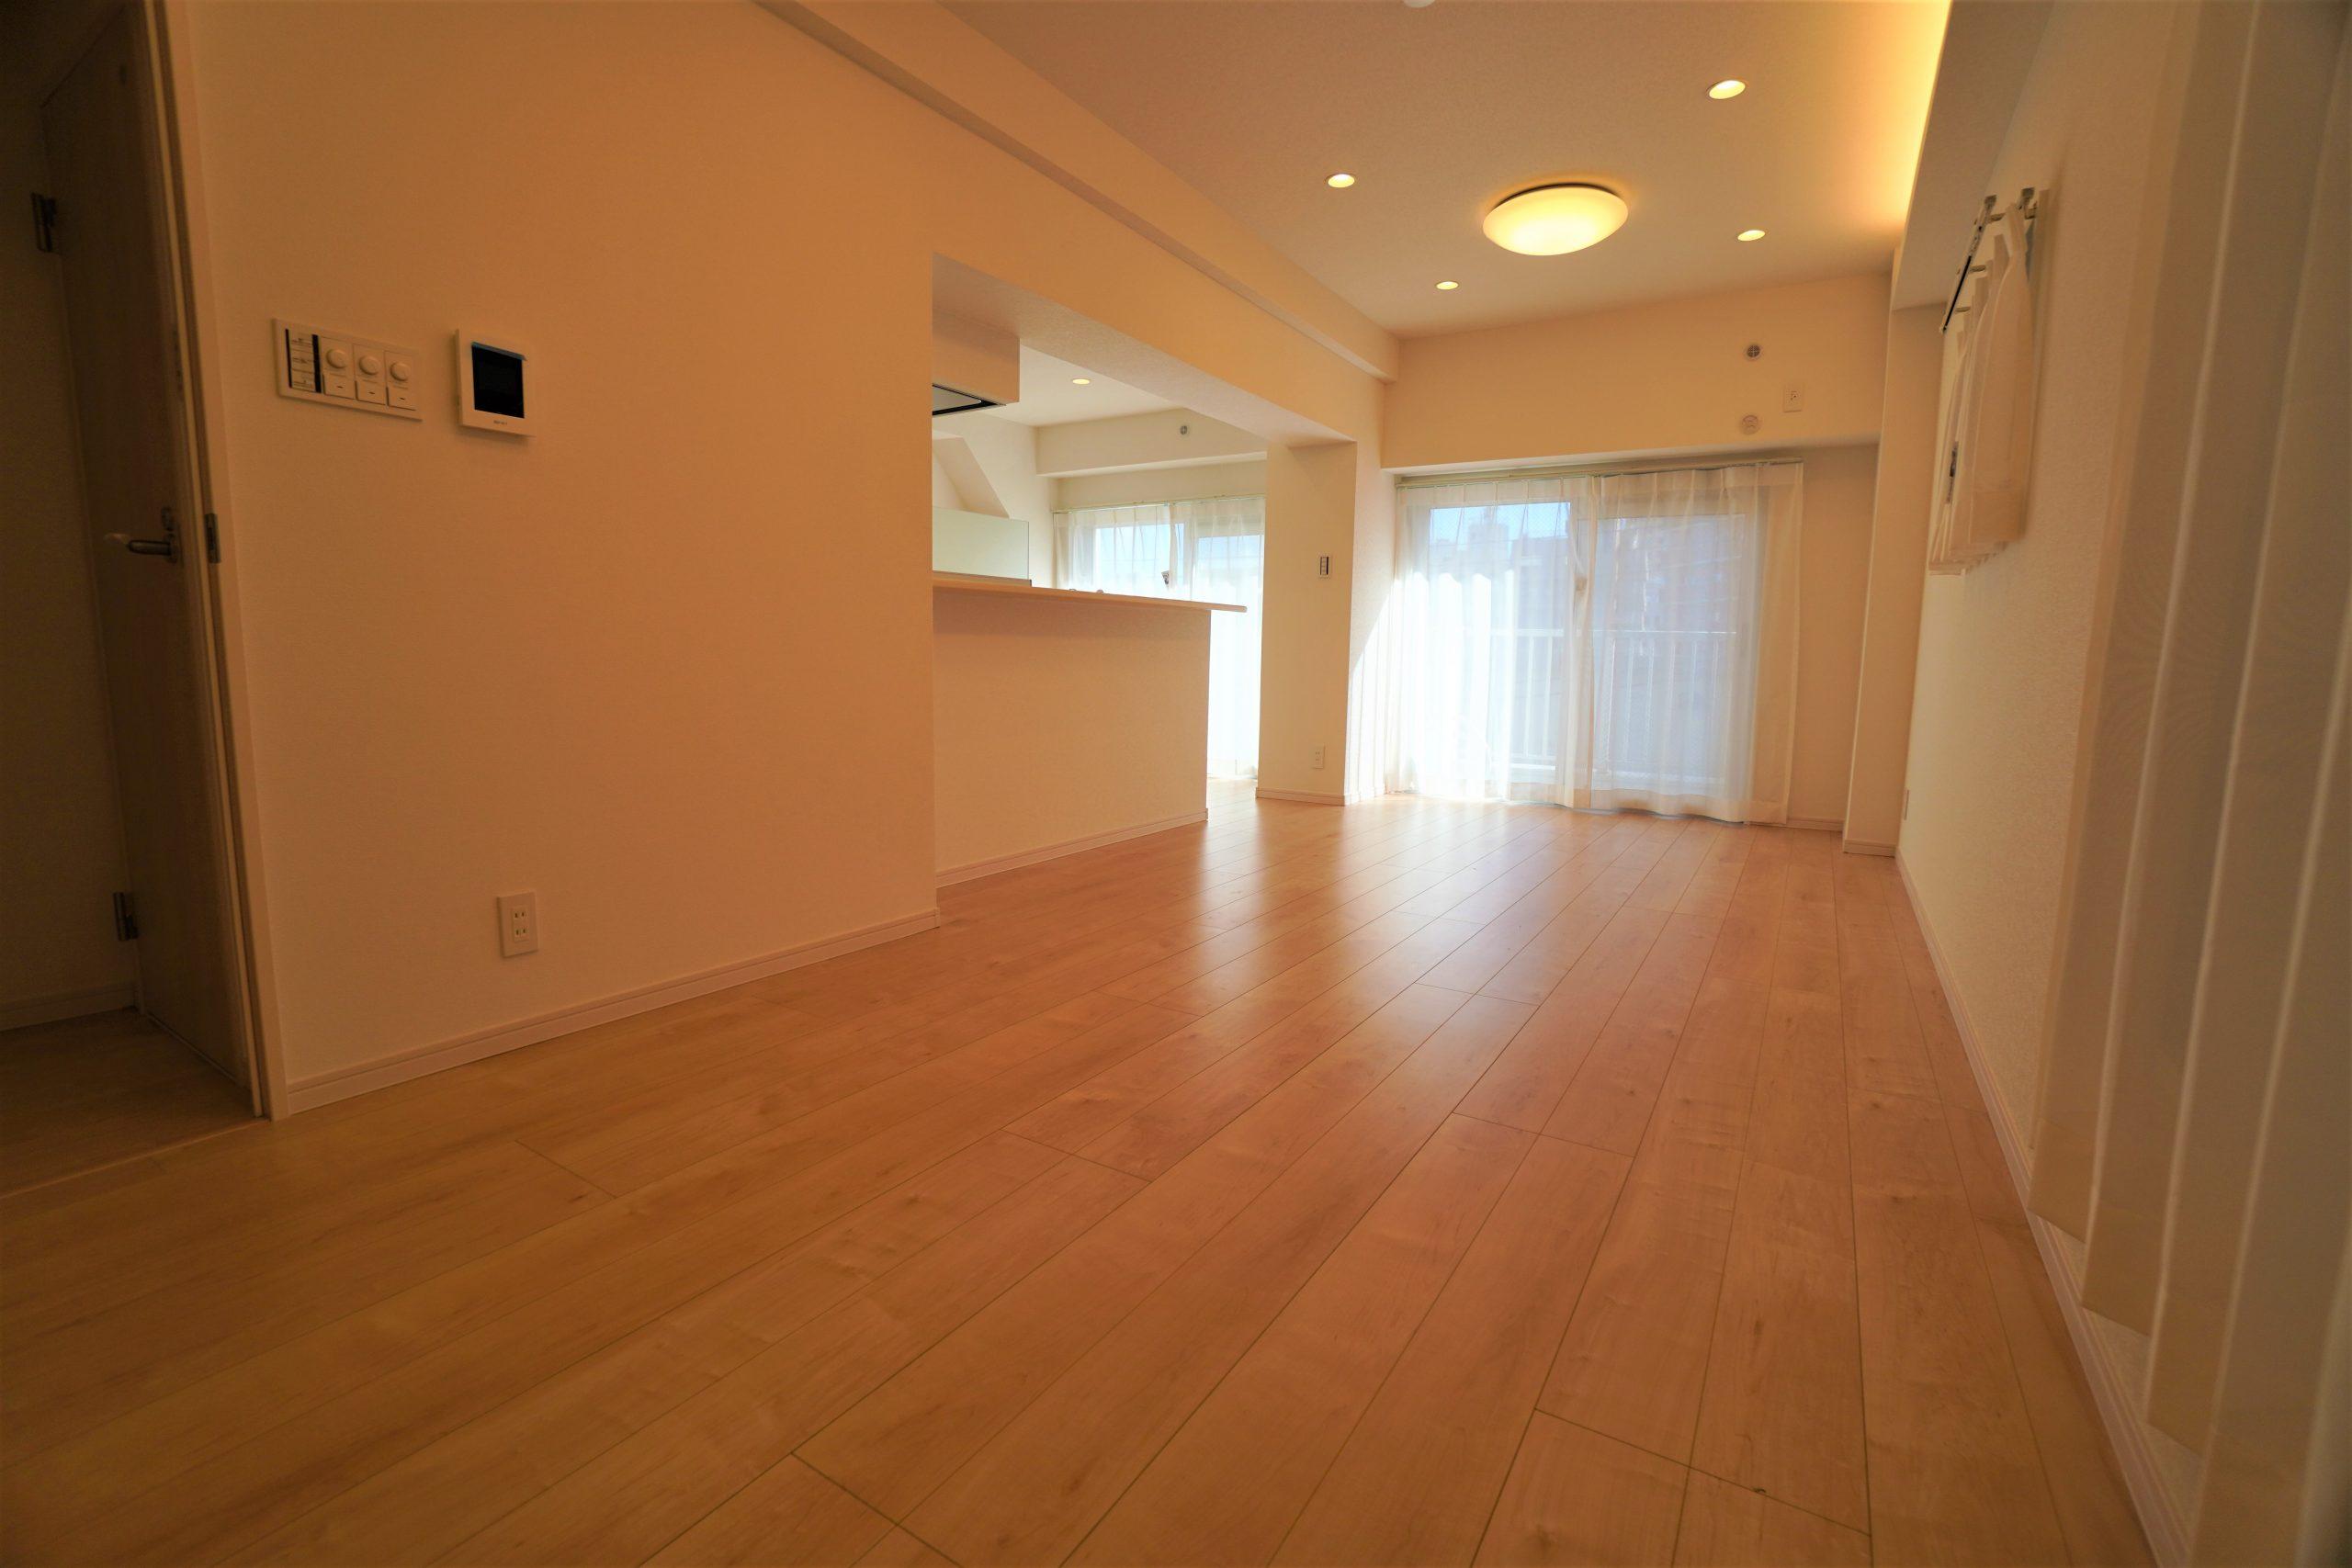 目黒ロイヤルハイツ 304号室の写真2